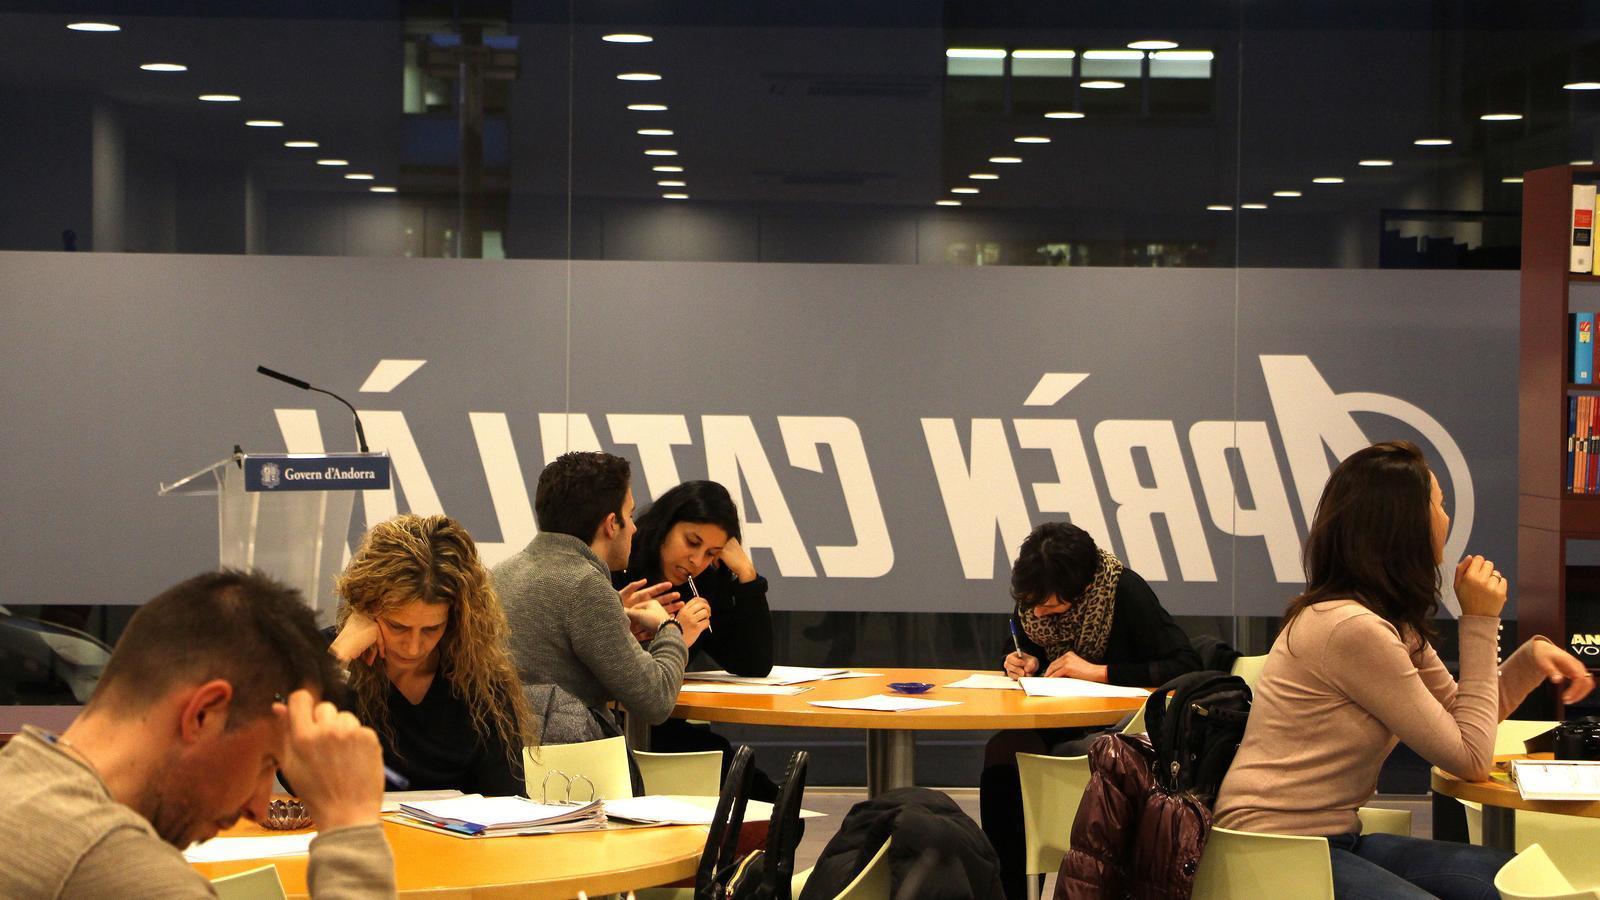 Estudiants al nou centre de català d'Escaldes-Engordany / M. F. (ANA)